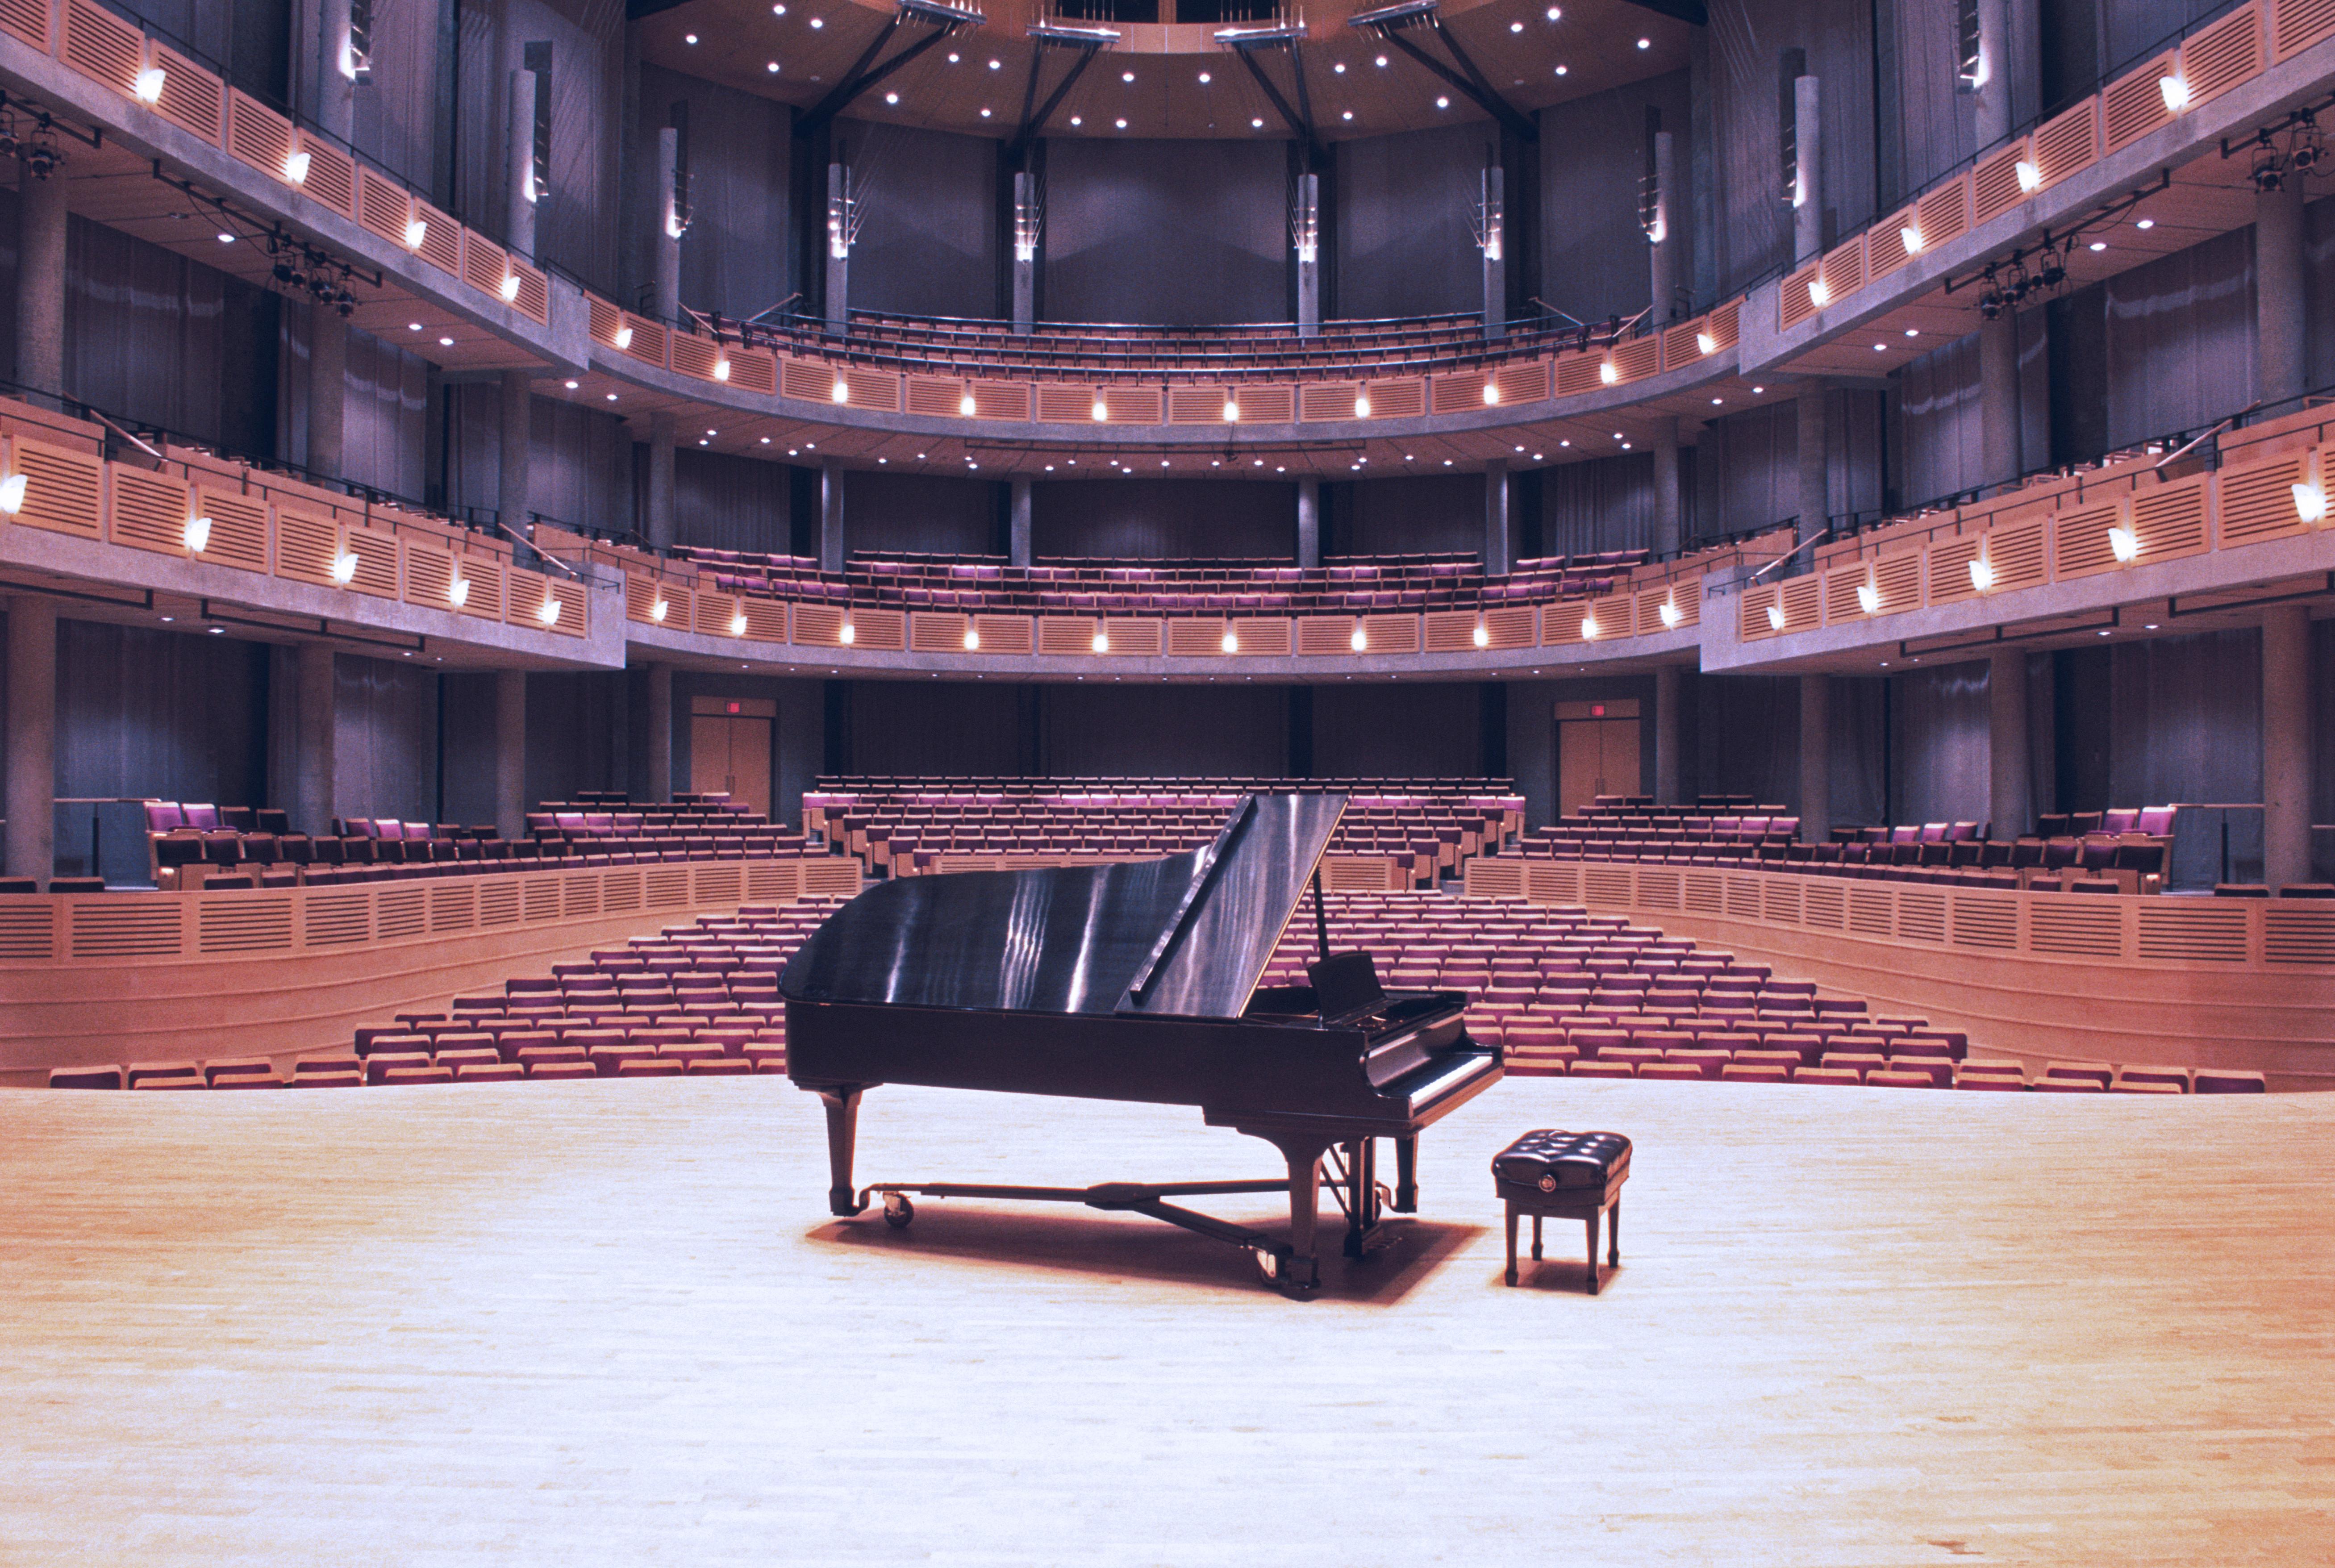 Piano (Intermediate - Advanced)